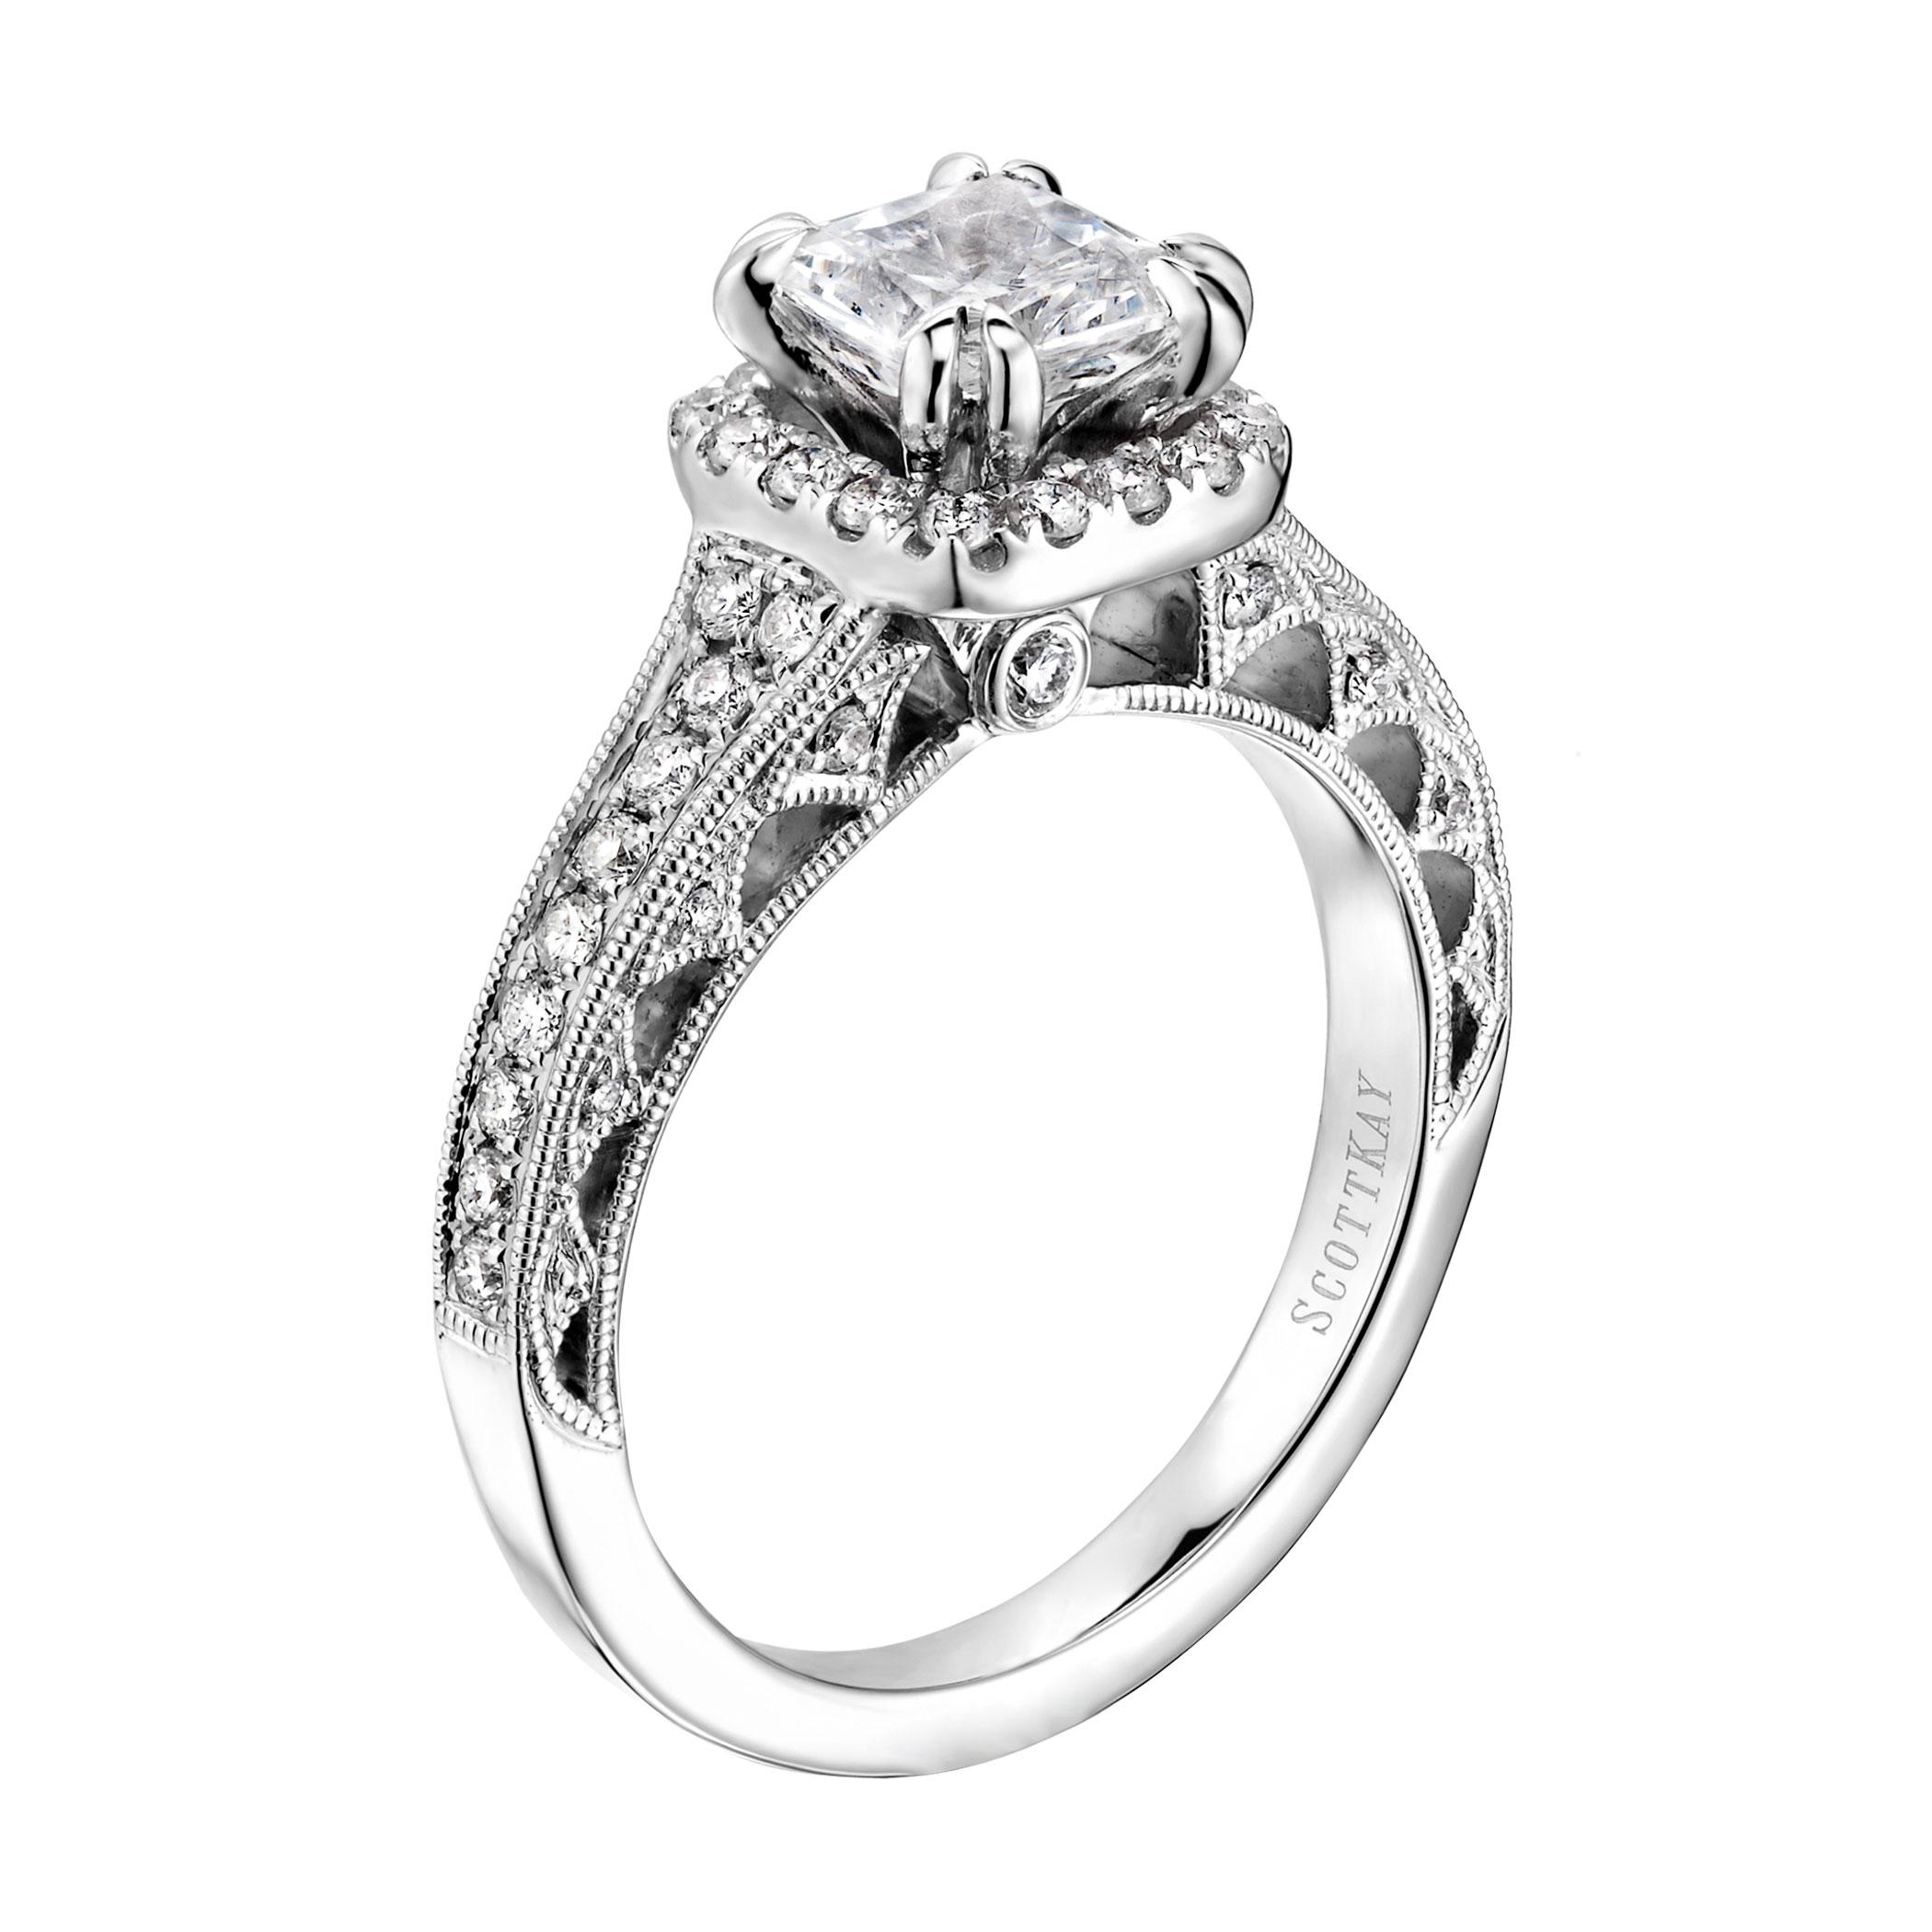 d233e3990 Scott Kay Heaven's Gates Engagement Ring #M1823R510WW - Diamond ...